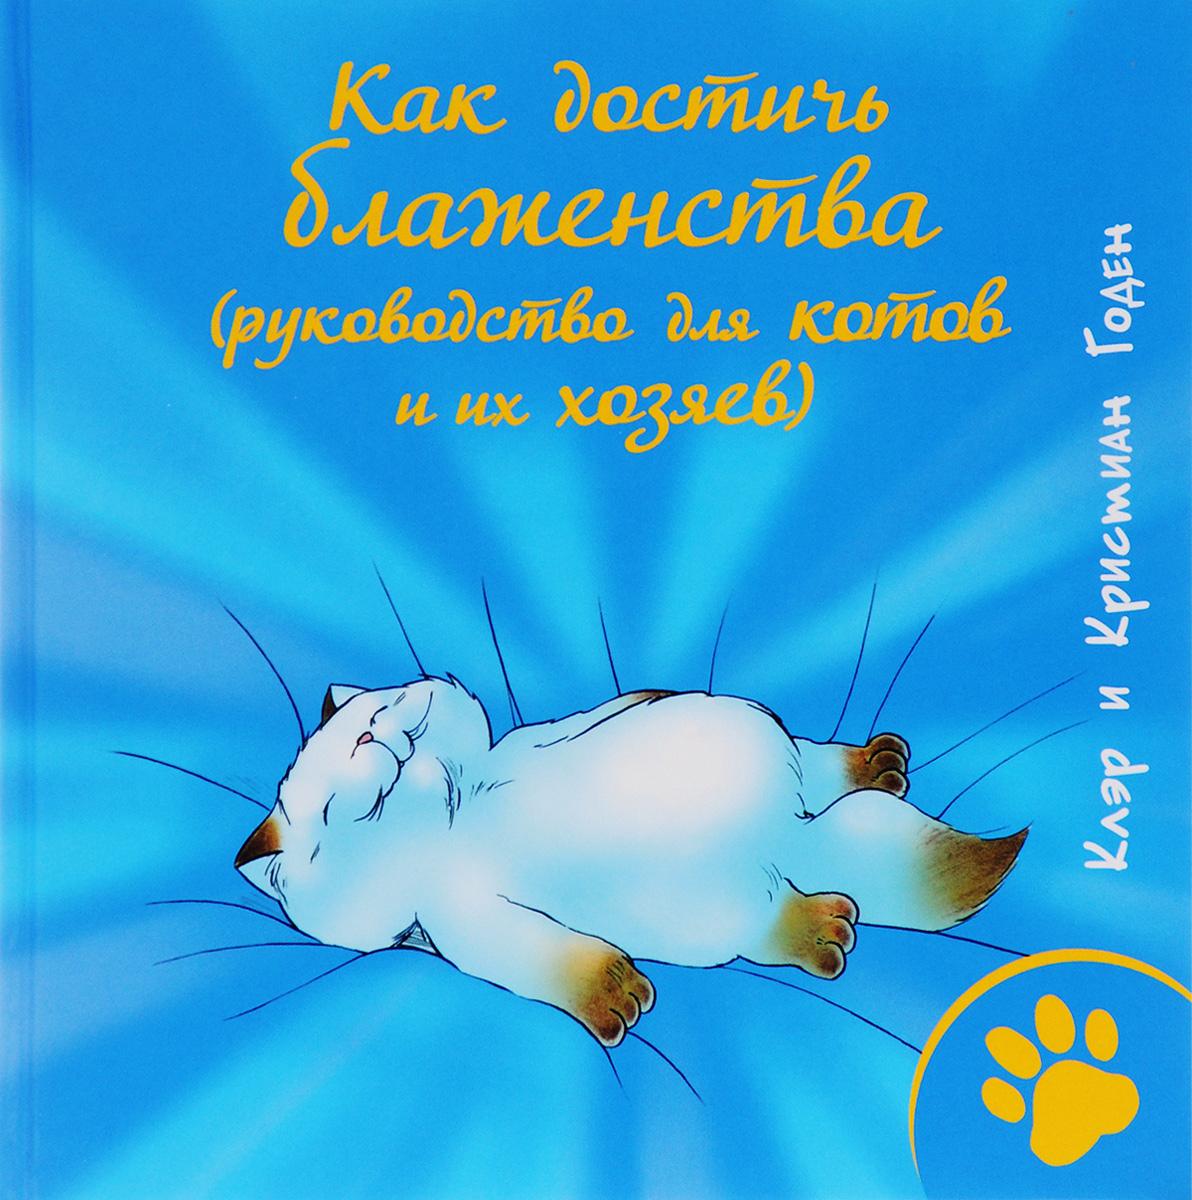 Как достичь блаженства (руководство для кошек и их хозяев), Годен Клэр и Кристиан